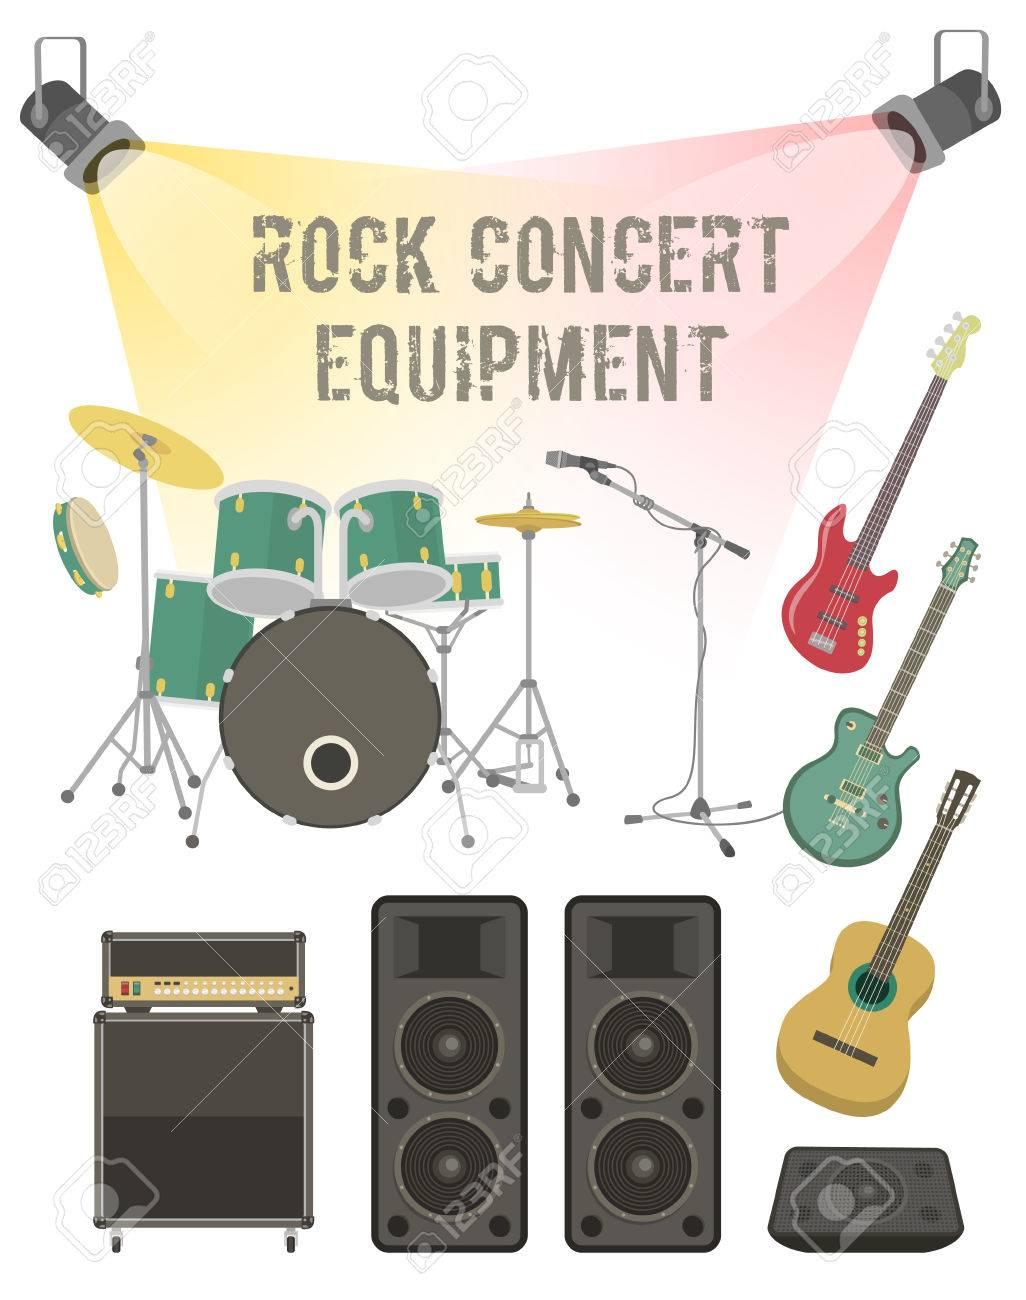 Jeu De Plate Illustration Moderne D'instruments De Musique Et De Matériel  De Sonorisation Pour Un Concert De Rock, Festival, Club Parti encequiconcerne Jeu D Instruments